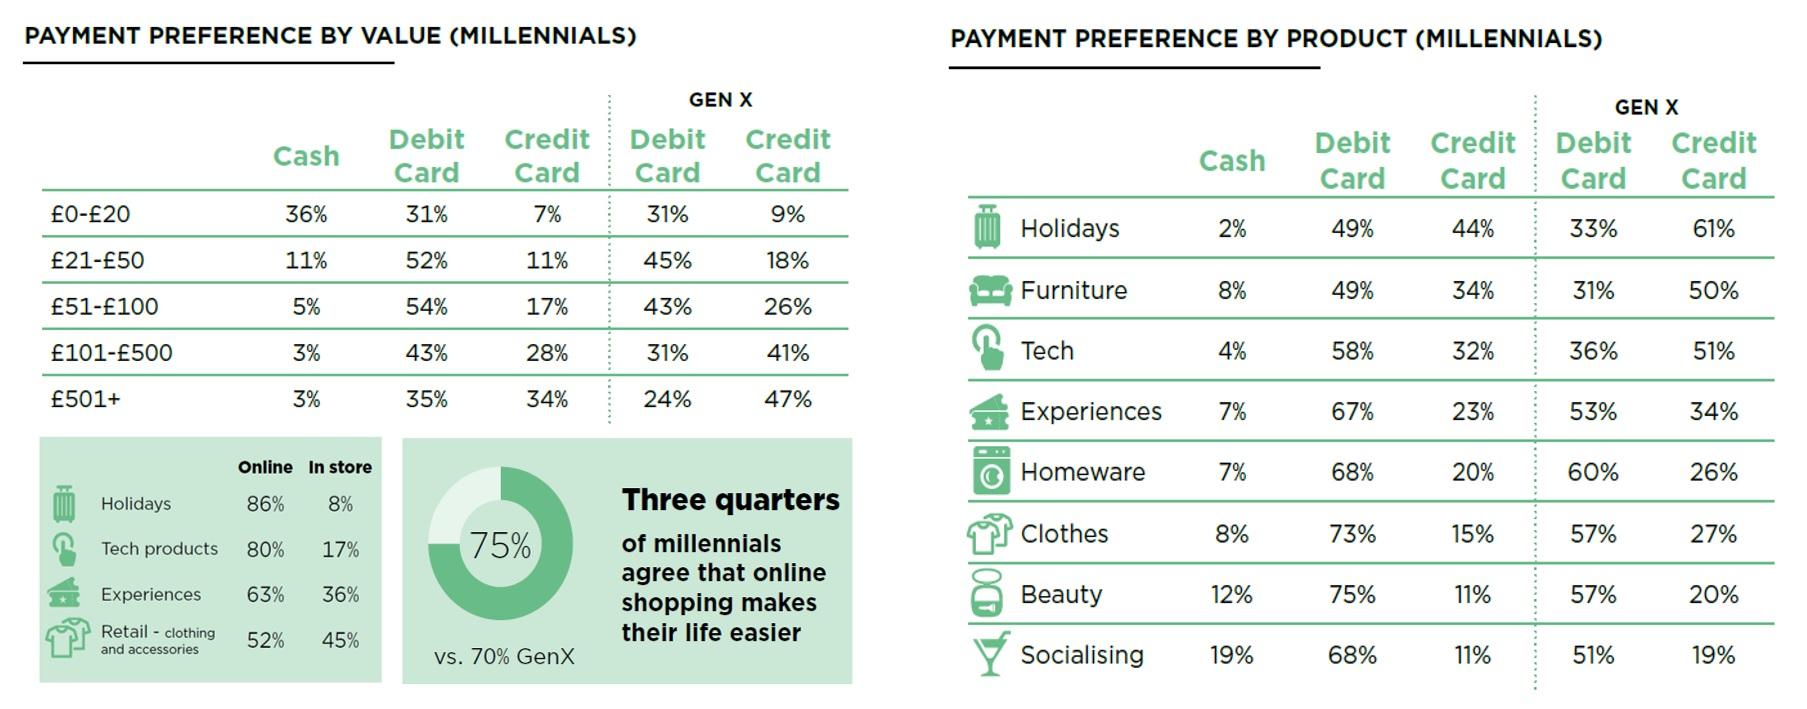 Millennials payment preferences